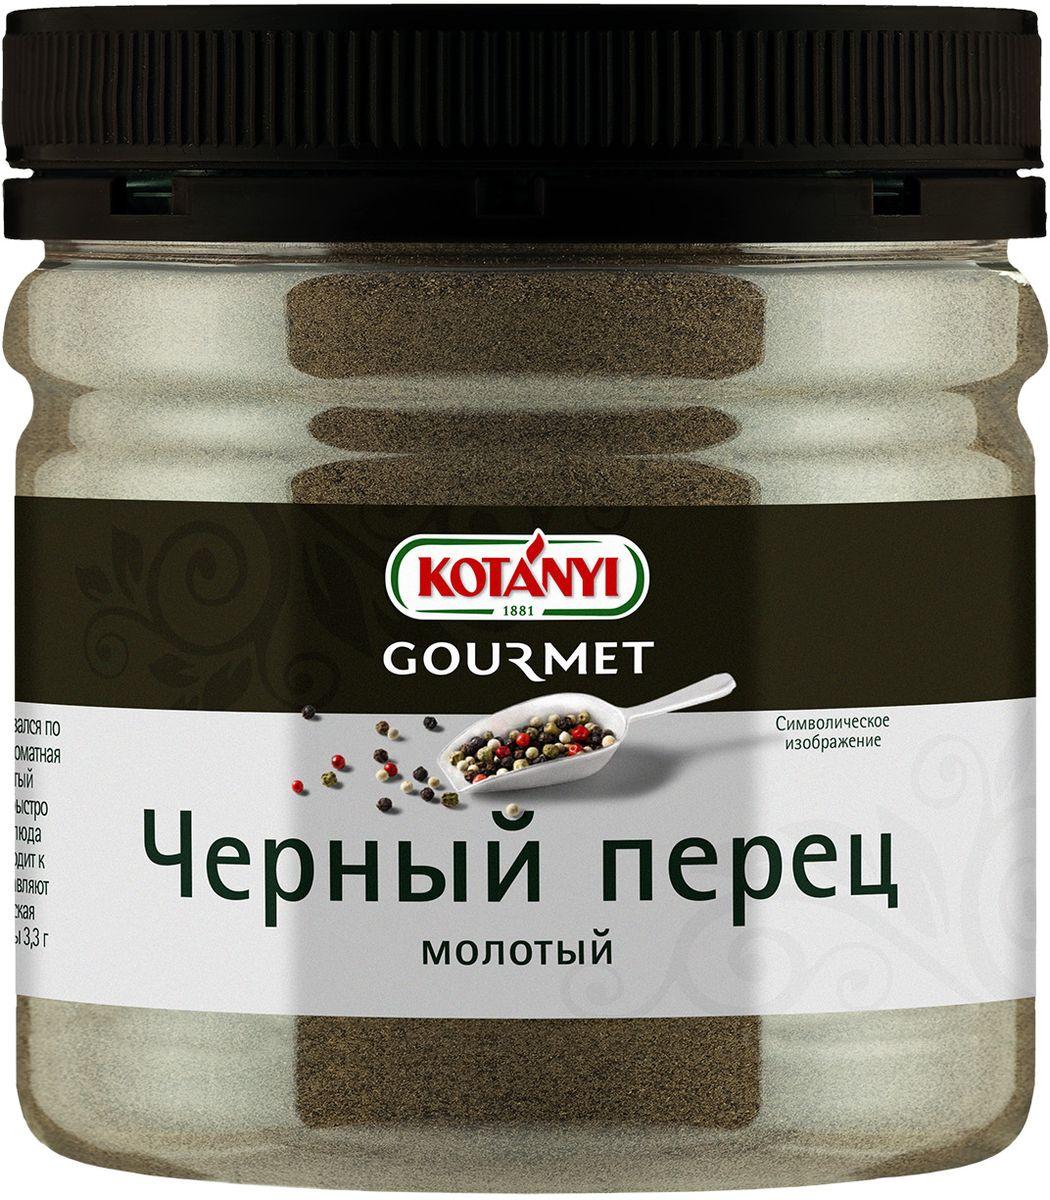 Kotanyi Черный перец молотый, 180 г735611Чёрный перец называют королём пряностей. Он не только вносит свой неповторимый аромат и острый насыщенный вкус в блюда, но также подчёркивает вкус других ингредиентов. Страна происхождения: Вьетнам.